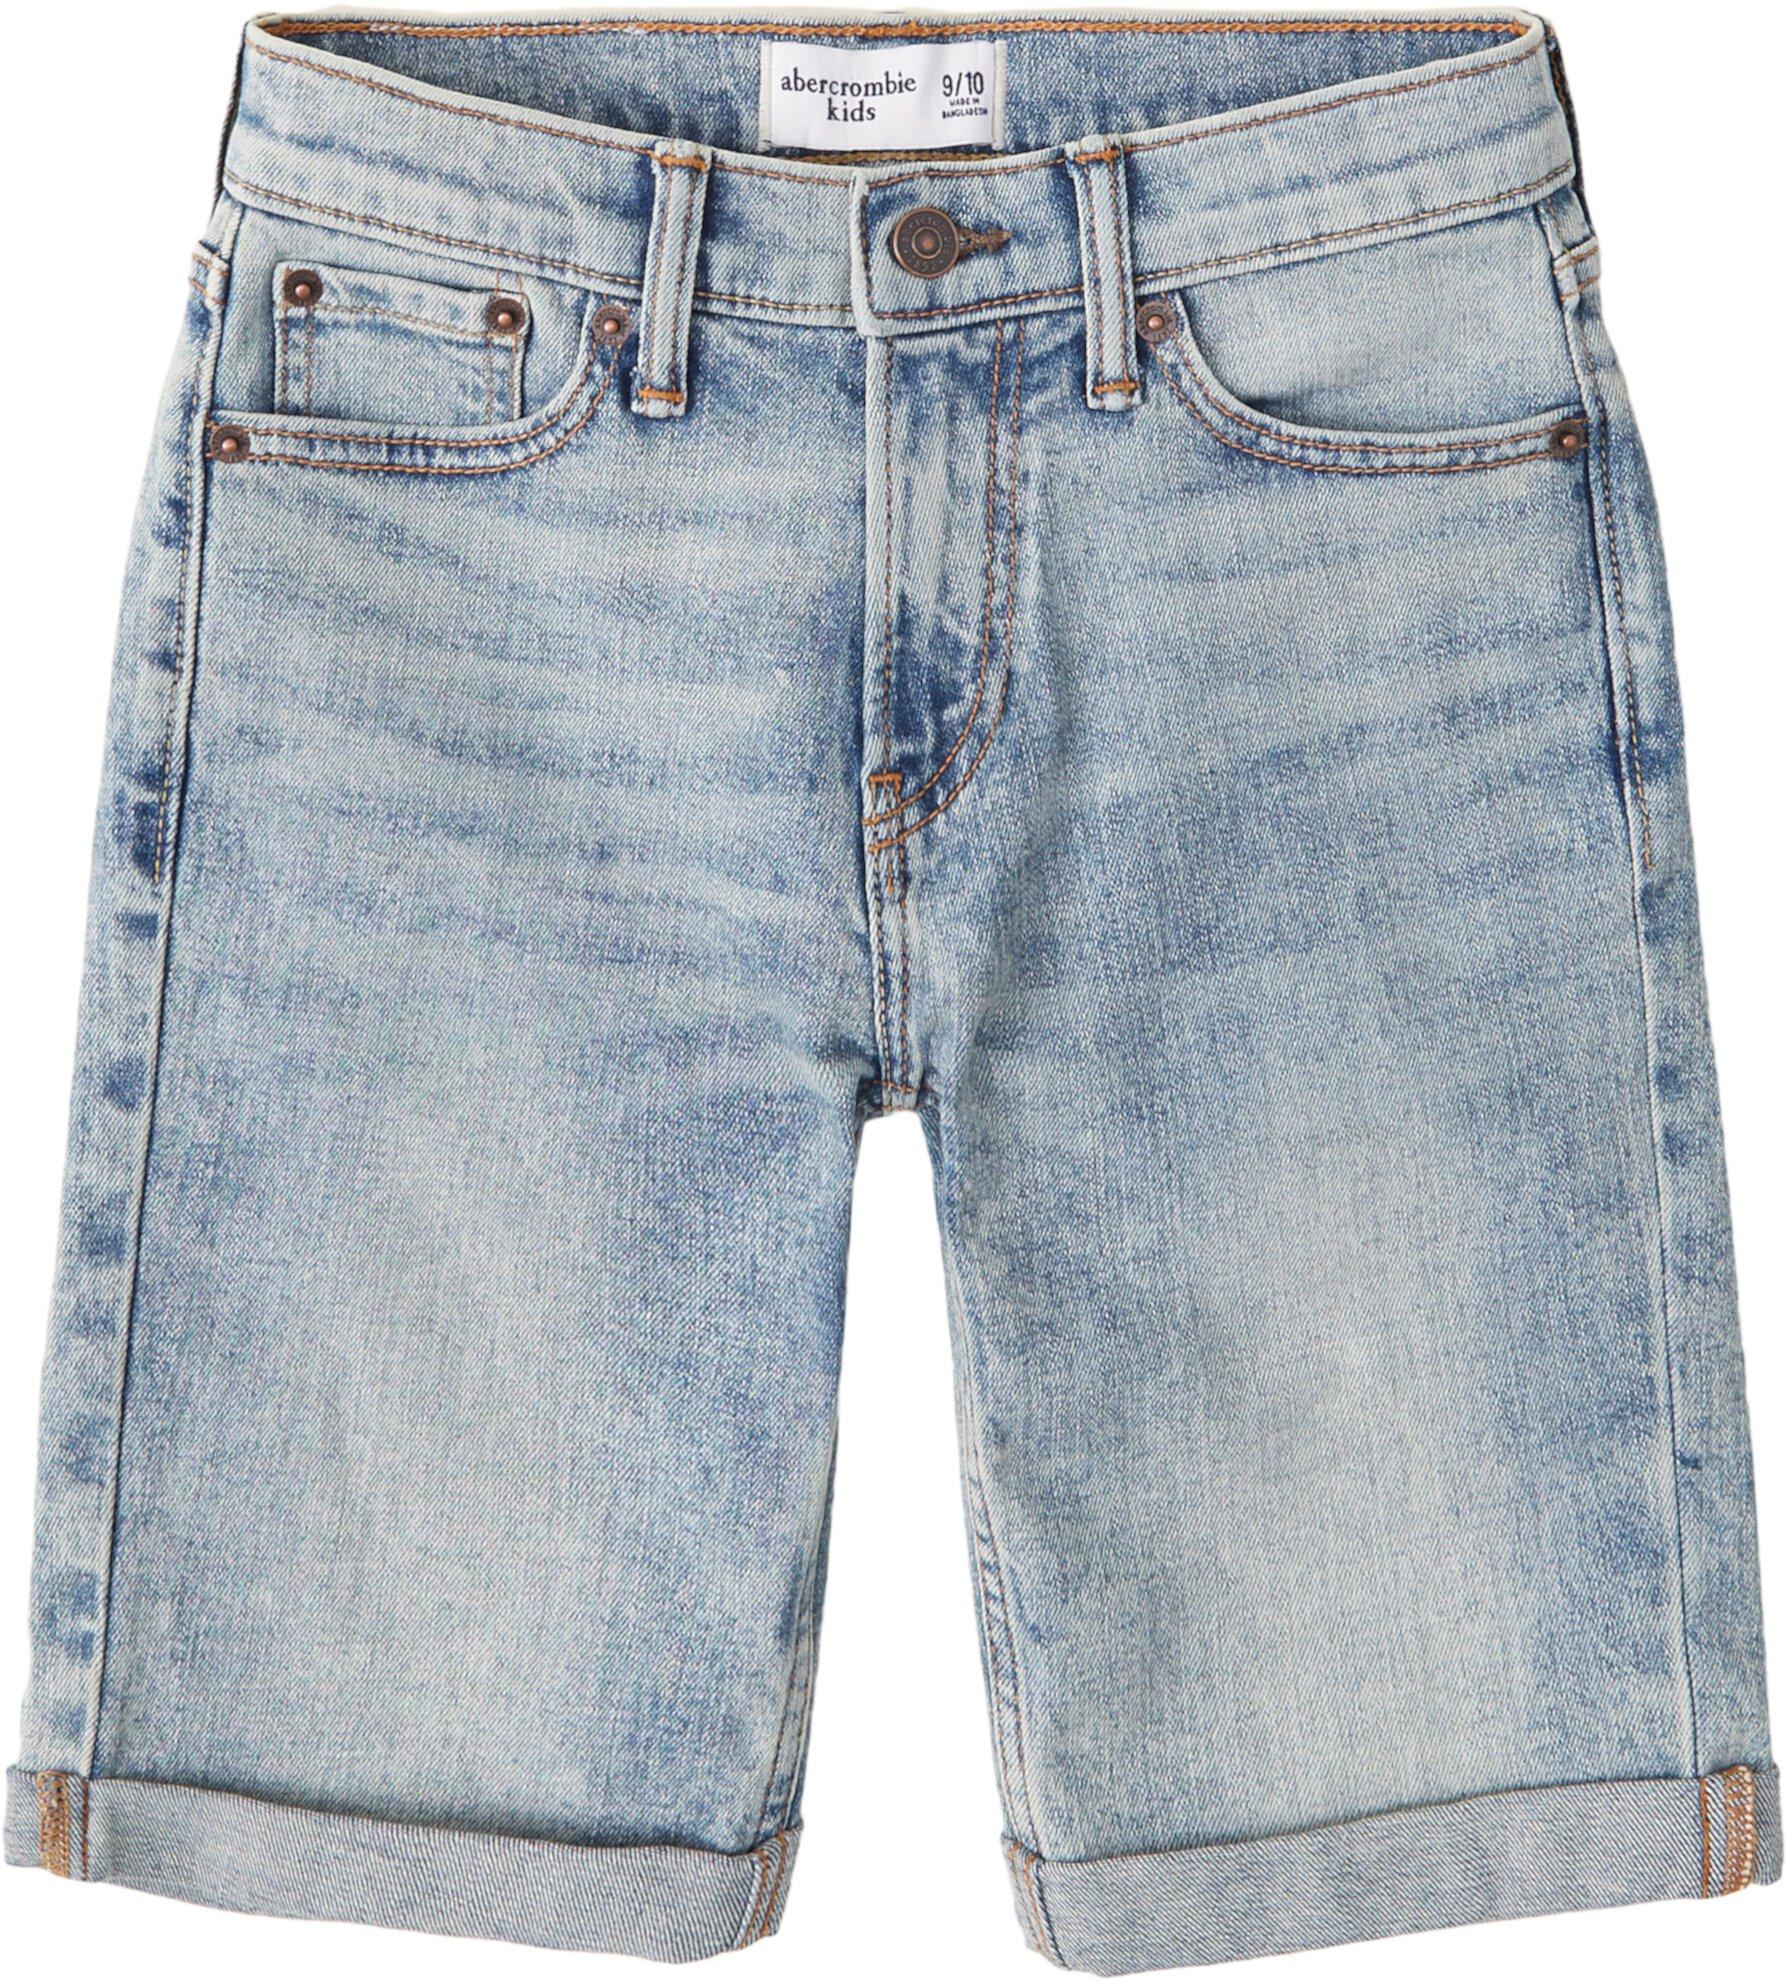 Джинсовые шорты Light Wash Destroy (для детей младшего и школьного возраста) Abercrombie kids